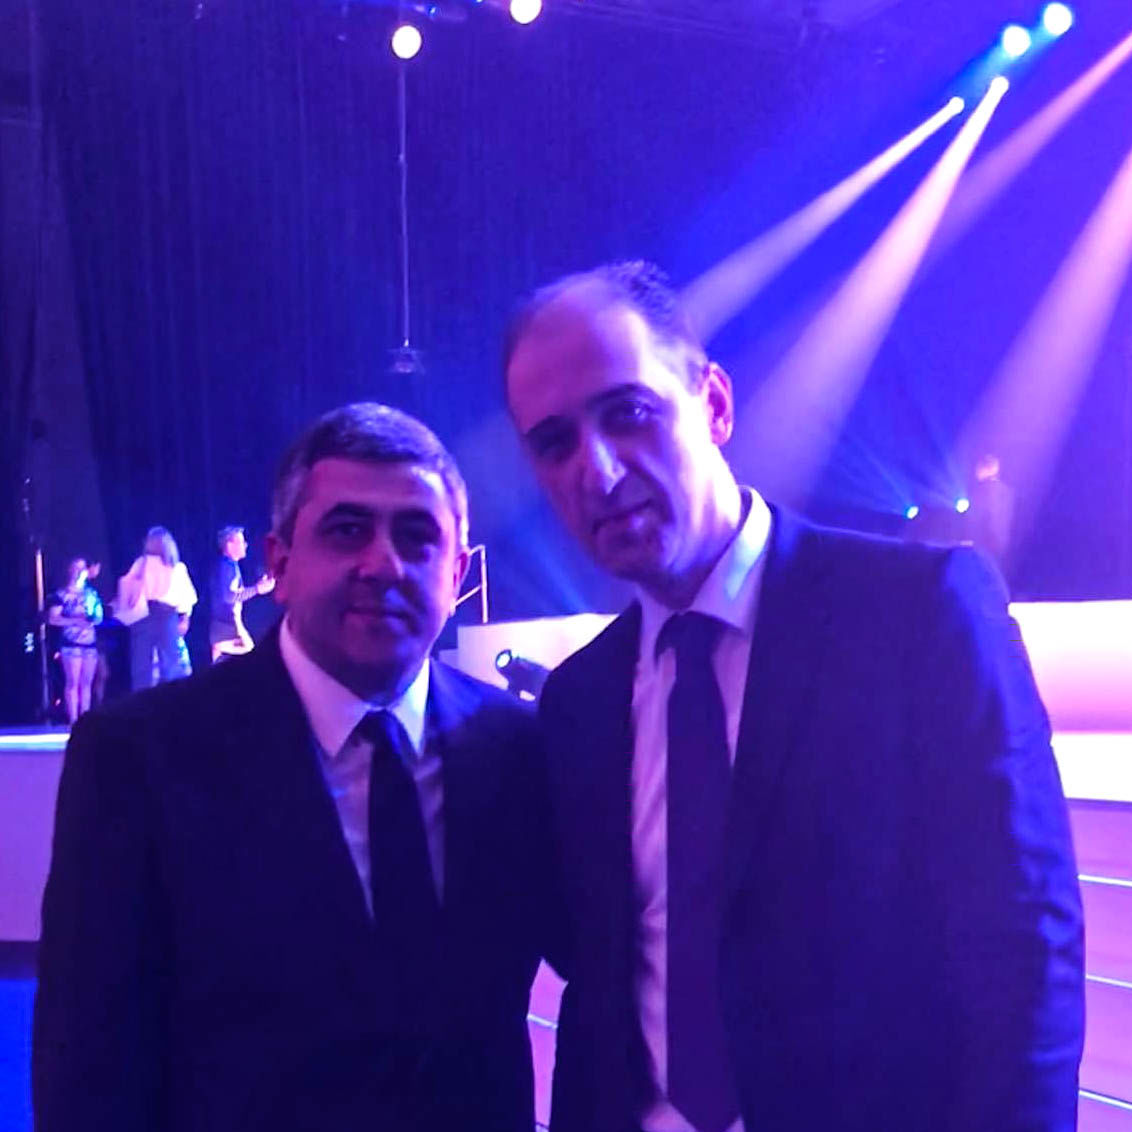 Zurab Pololikashvili, Generalsekretär UNWTO und Besarioni Kamarauli, Aufsichtsratvorsitzender HotelFriend AG